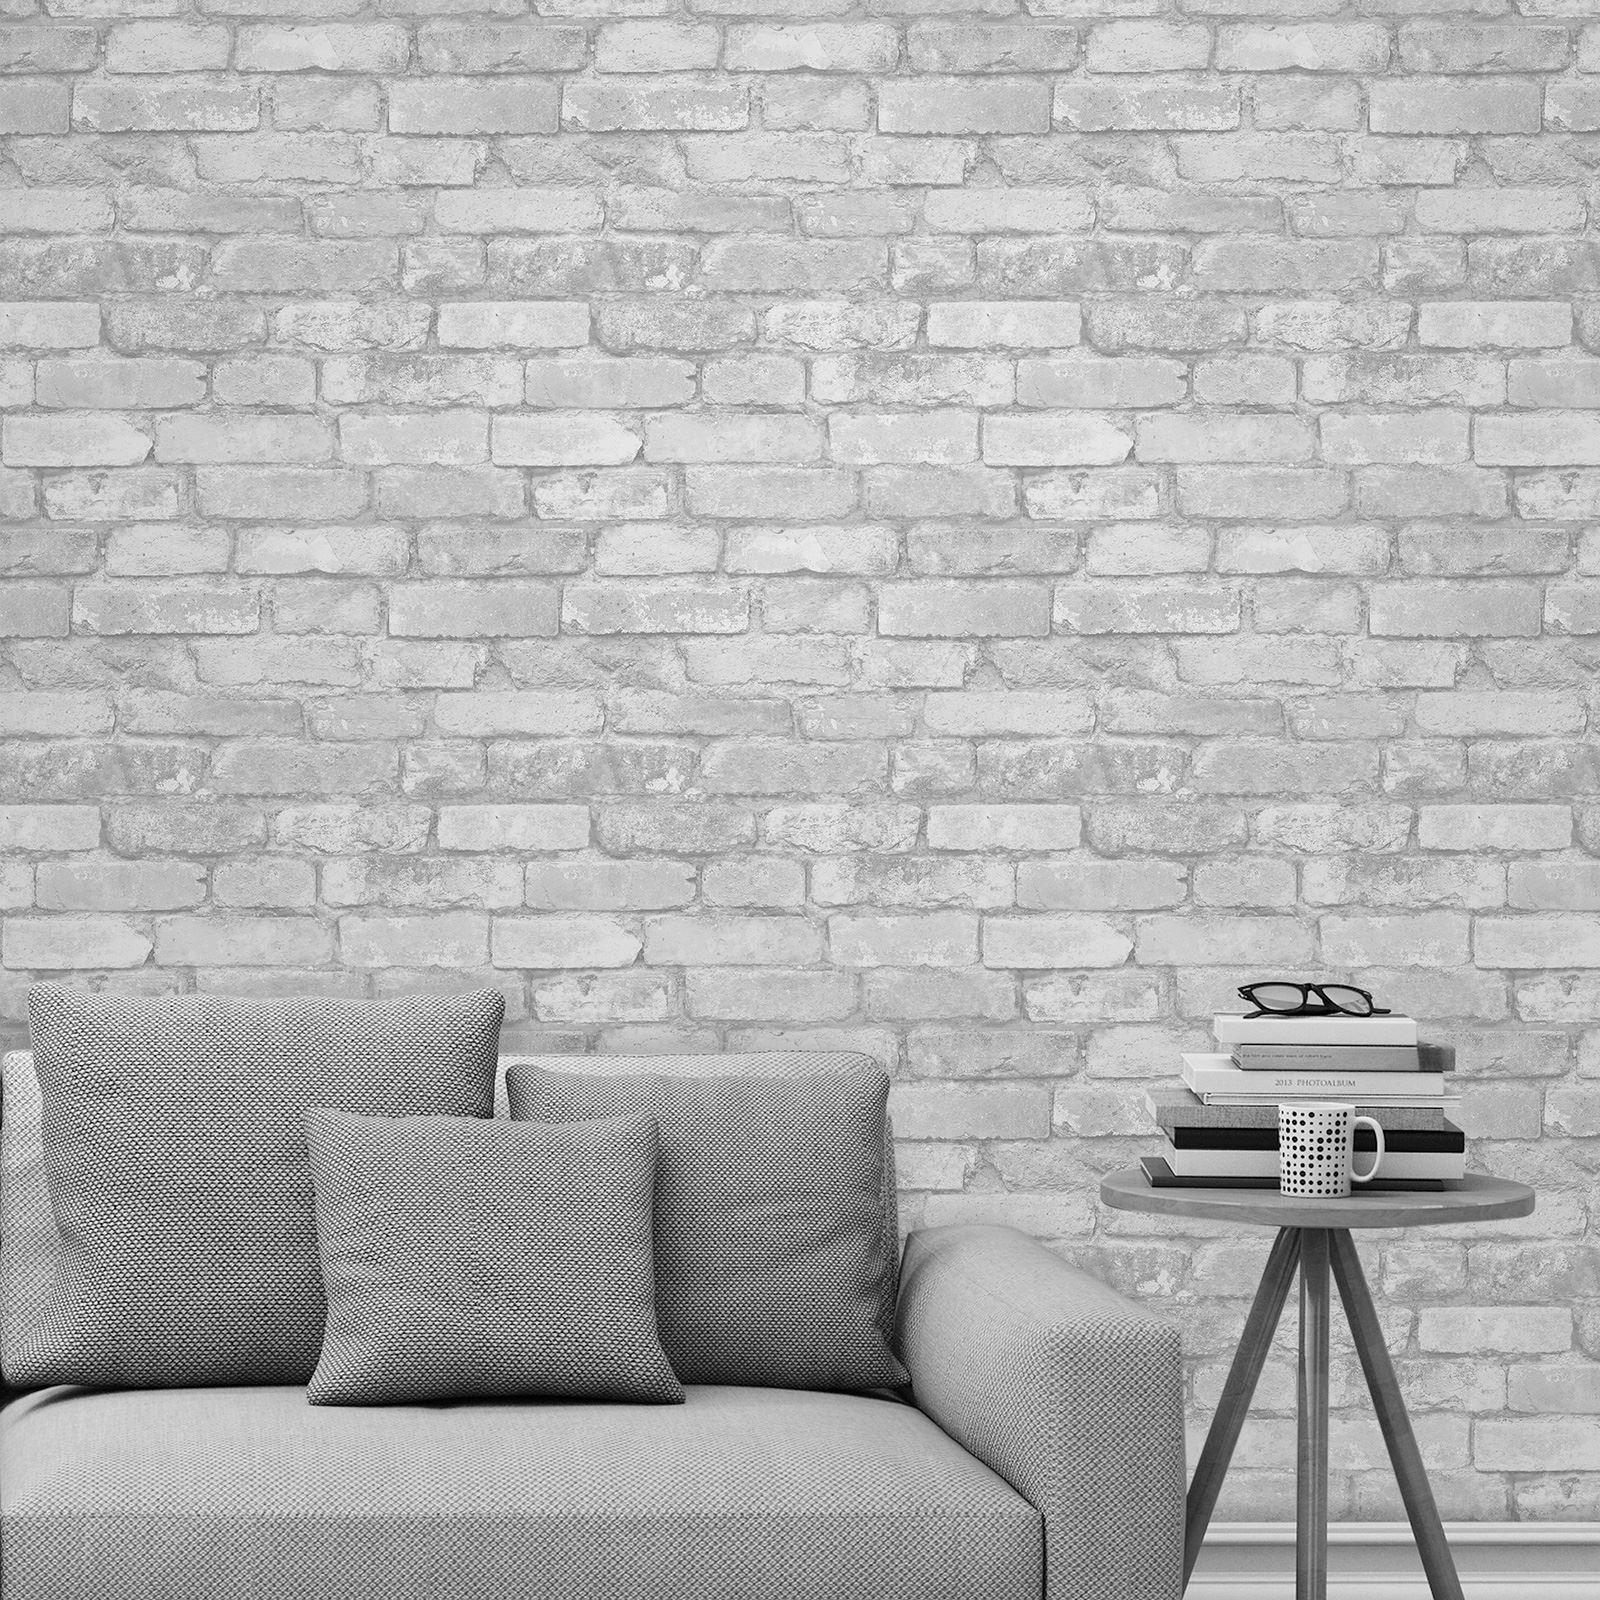 Blanco y plata r stico papel pintado efecto ladrillo fd41488 windsor ebay - Papel pintado ladrillo blanco ...